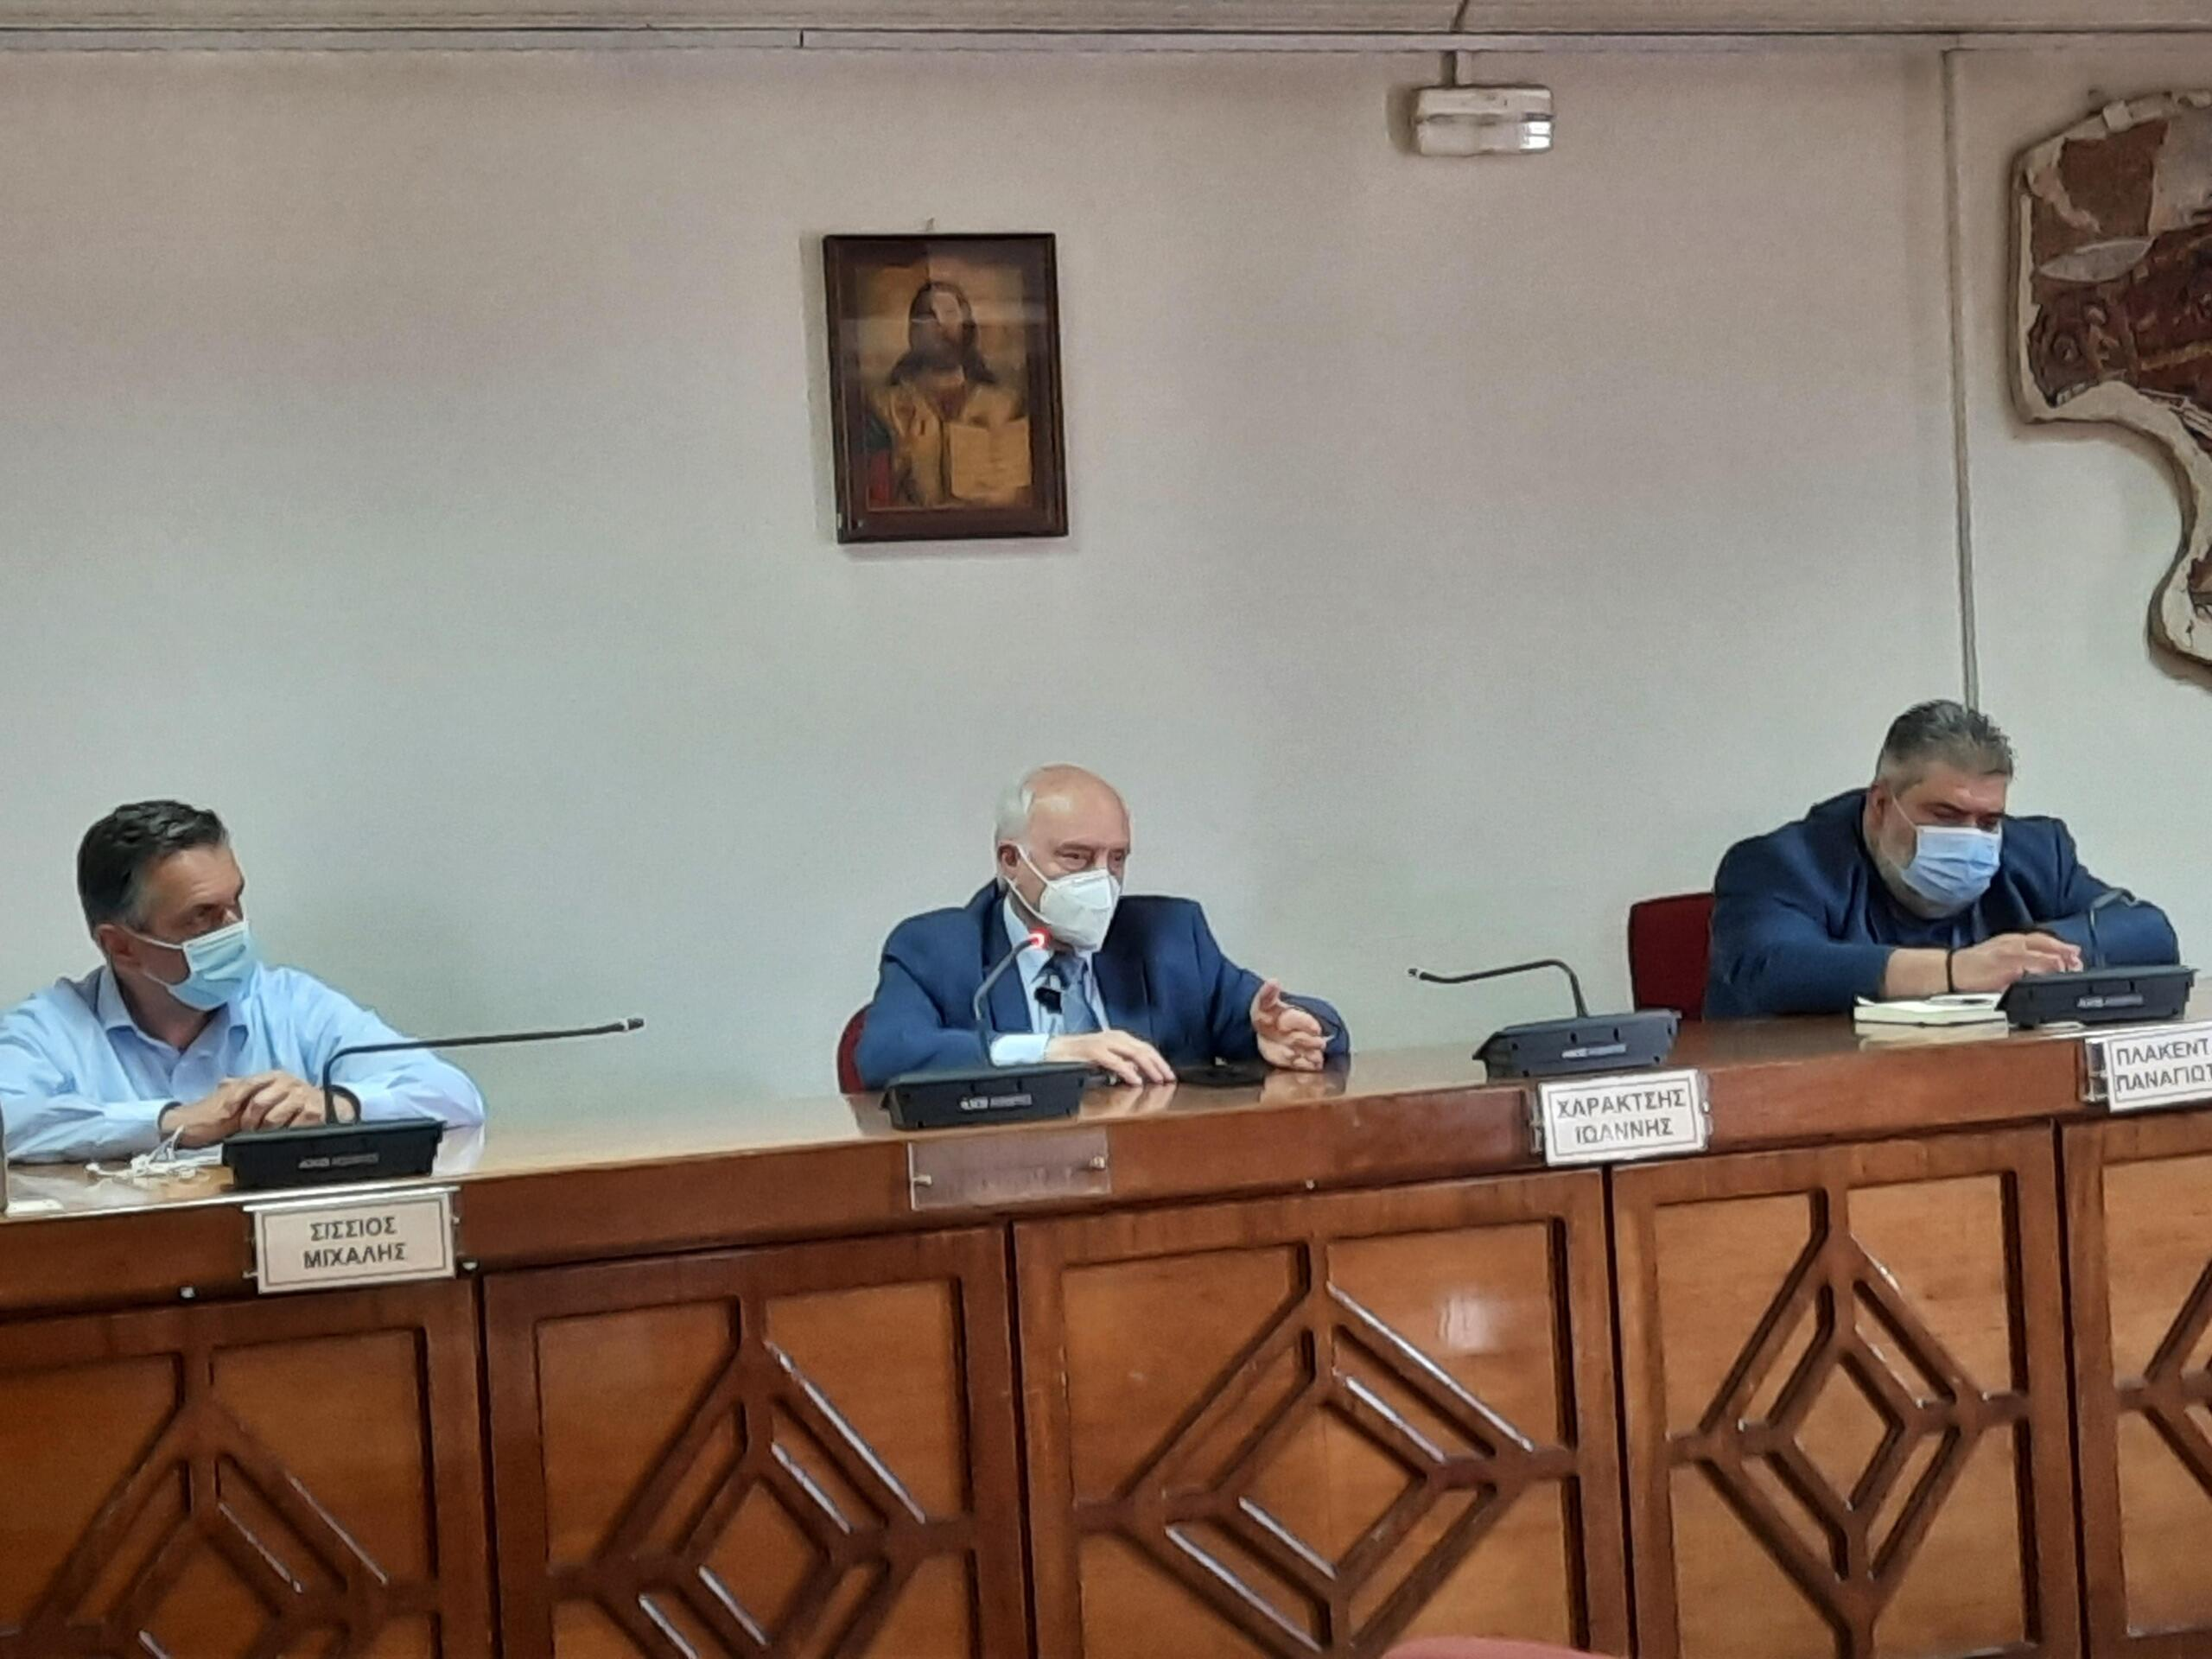 Συνάντηση Δημάρχου Εορδαίας Παναγιώτη Πλακεντά με τον Γενικό Γραμματέα Επαγγελματικής Εκπαίδευσης και Δια Βίου Μάθησης του Υπουργείου Παιδείας Γιώργο Βούτσινο. Σύσκεψη με τους διευθυντές των ΕΠΑΛ παρουσία του Περιφερειάρχη Δυτικής Μακεδονίας.